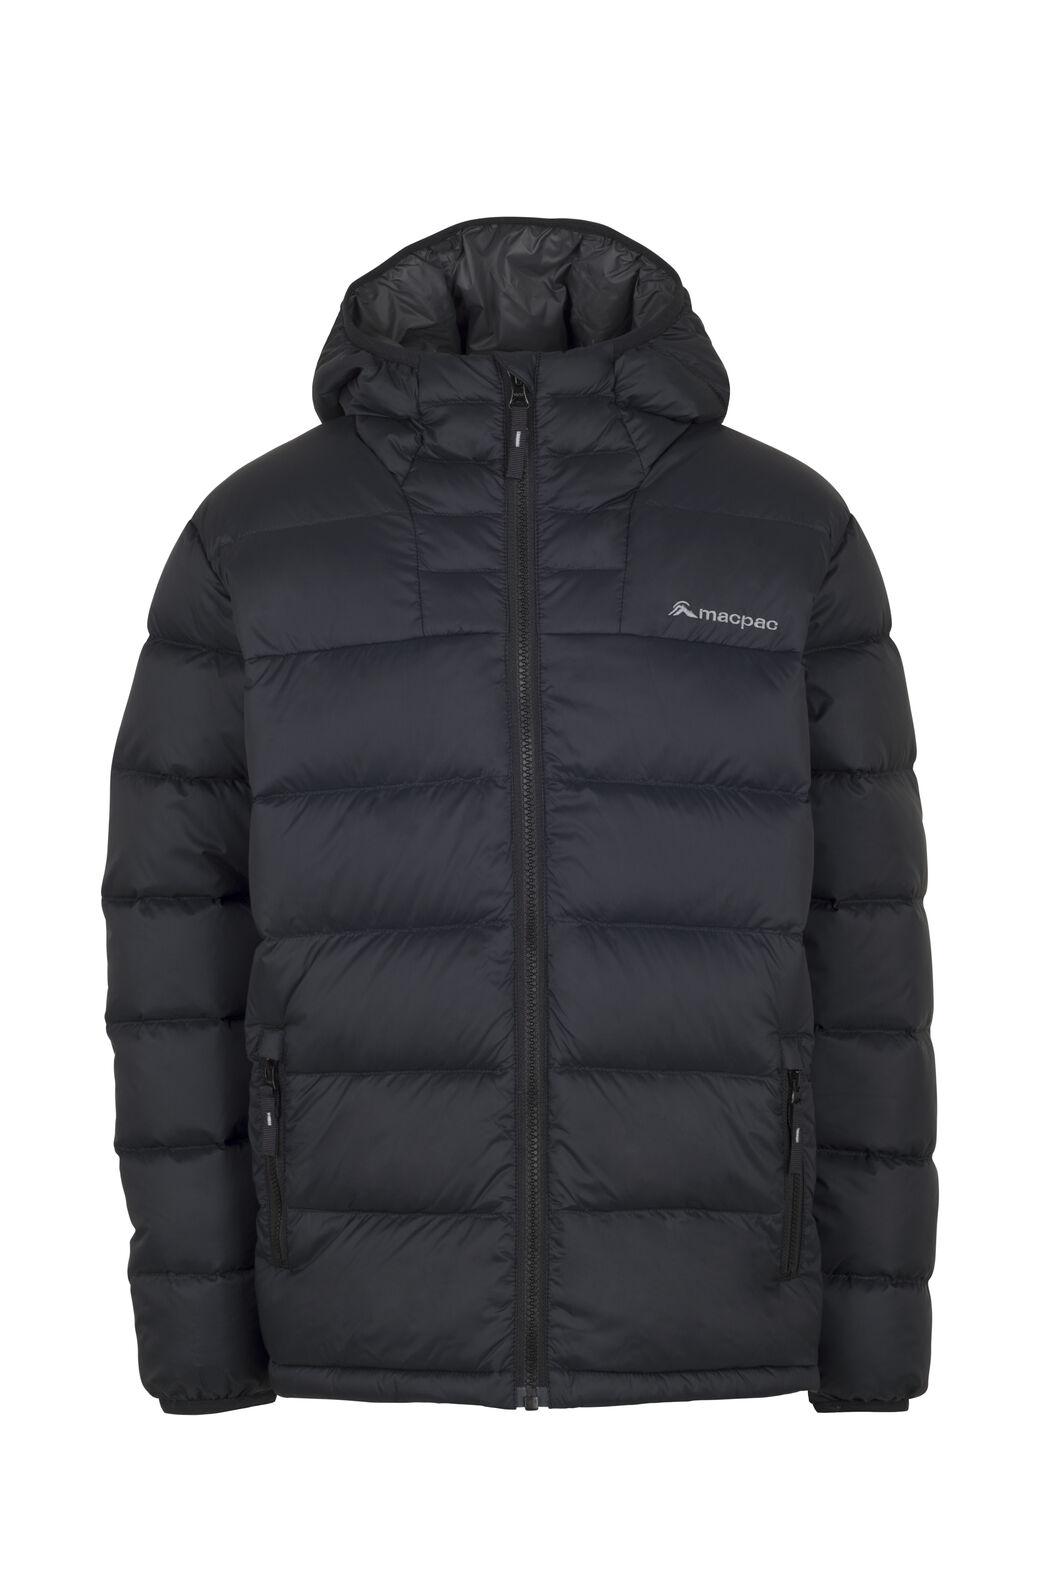 Macpac Atom Hooded Jacket - Kids', Black, hi-res